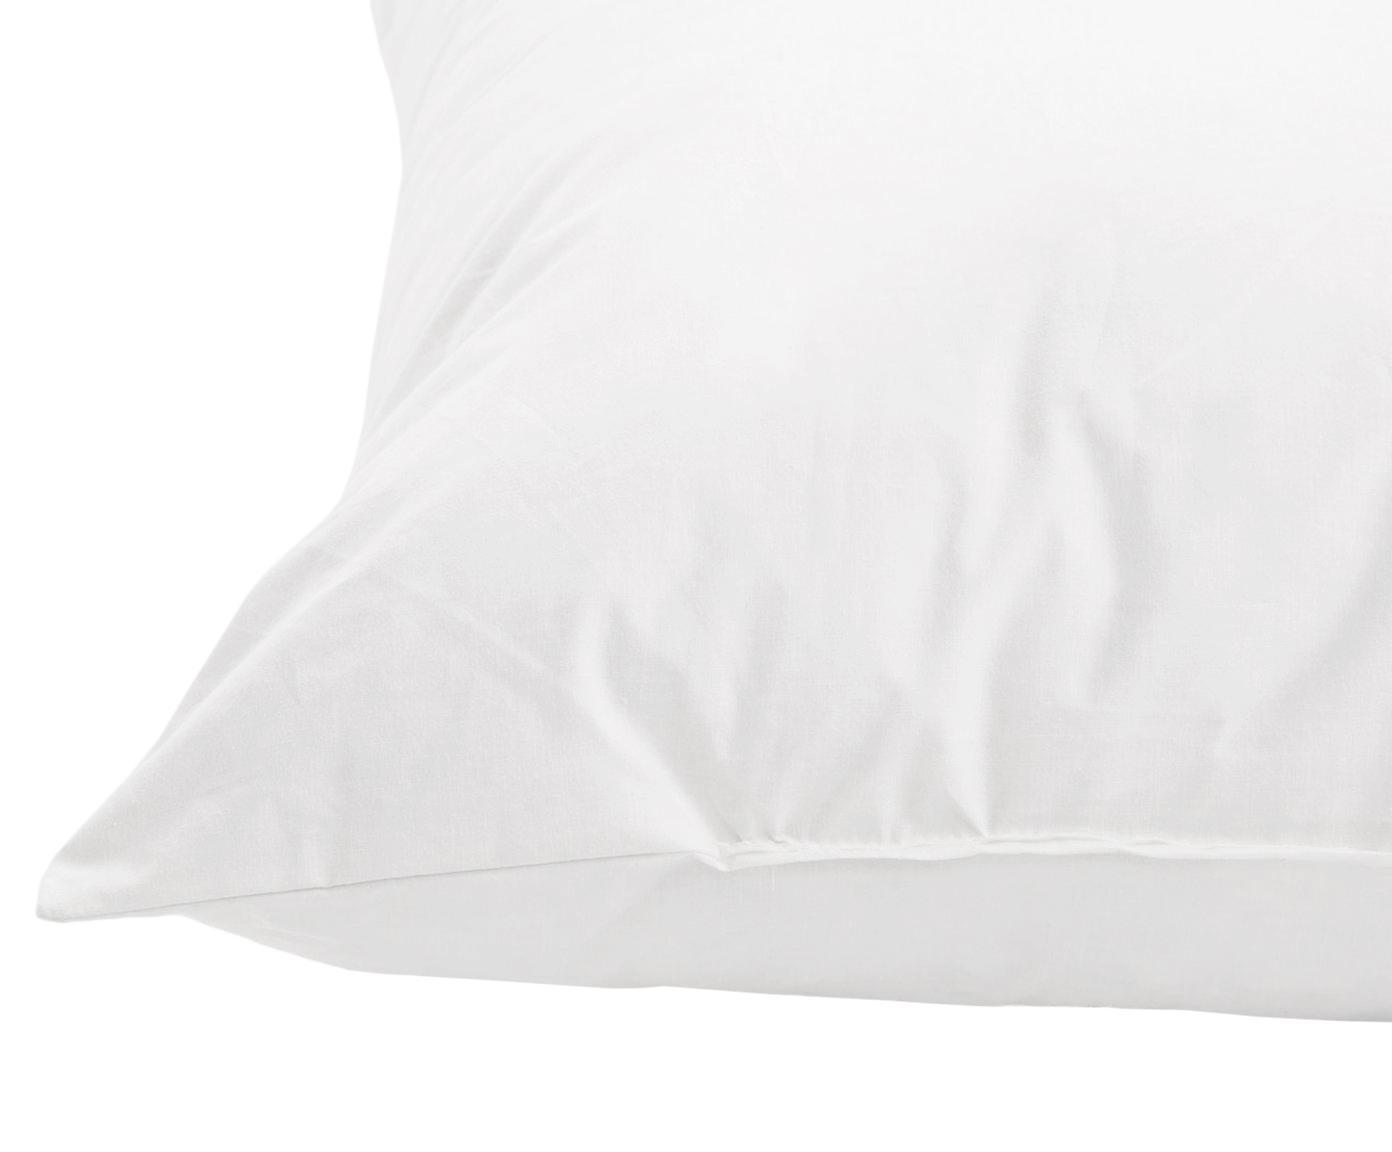 Kissen-Inlett Comfort, 60x60, Feder-Füllung, Weiß, 60 x 60 cm